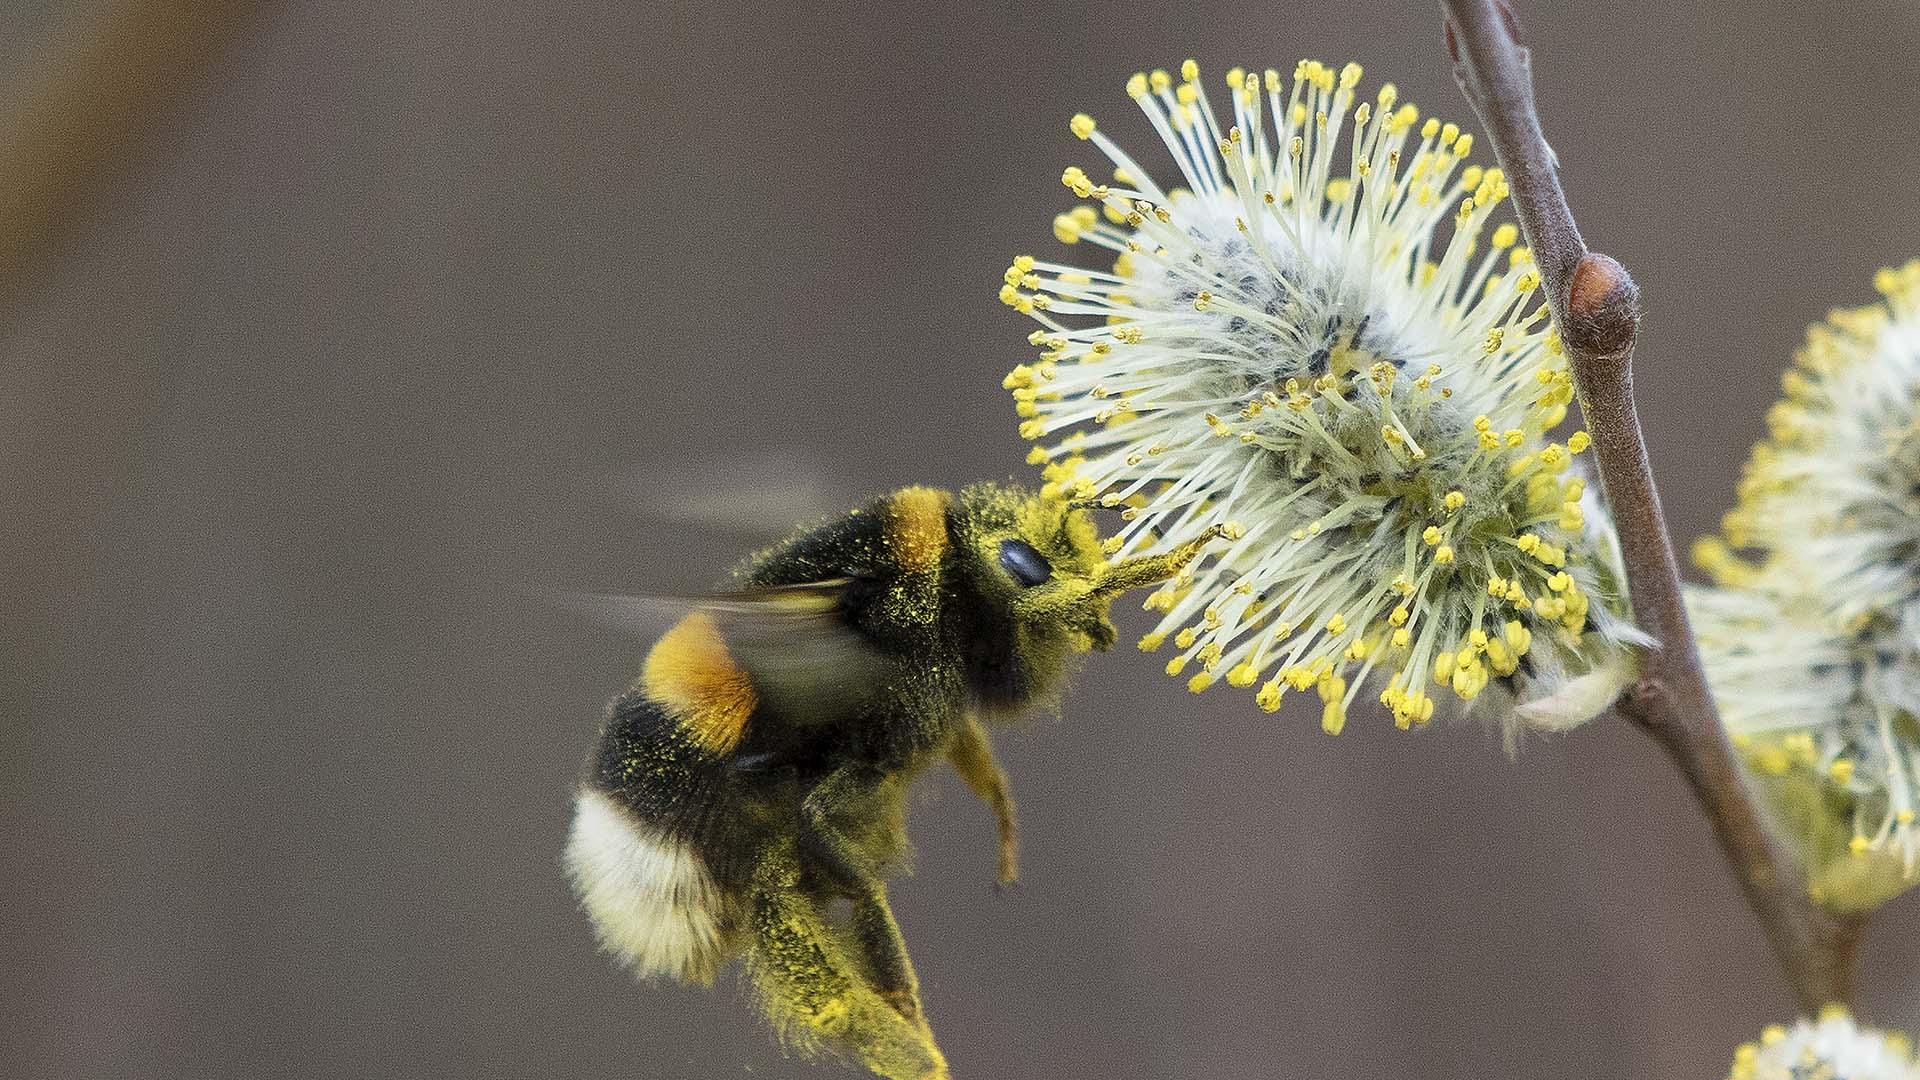 Sälgen ger föda till många insekter tidigt på våren. Foto: Patrik Olofsson/N